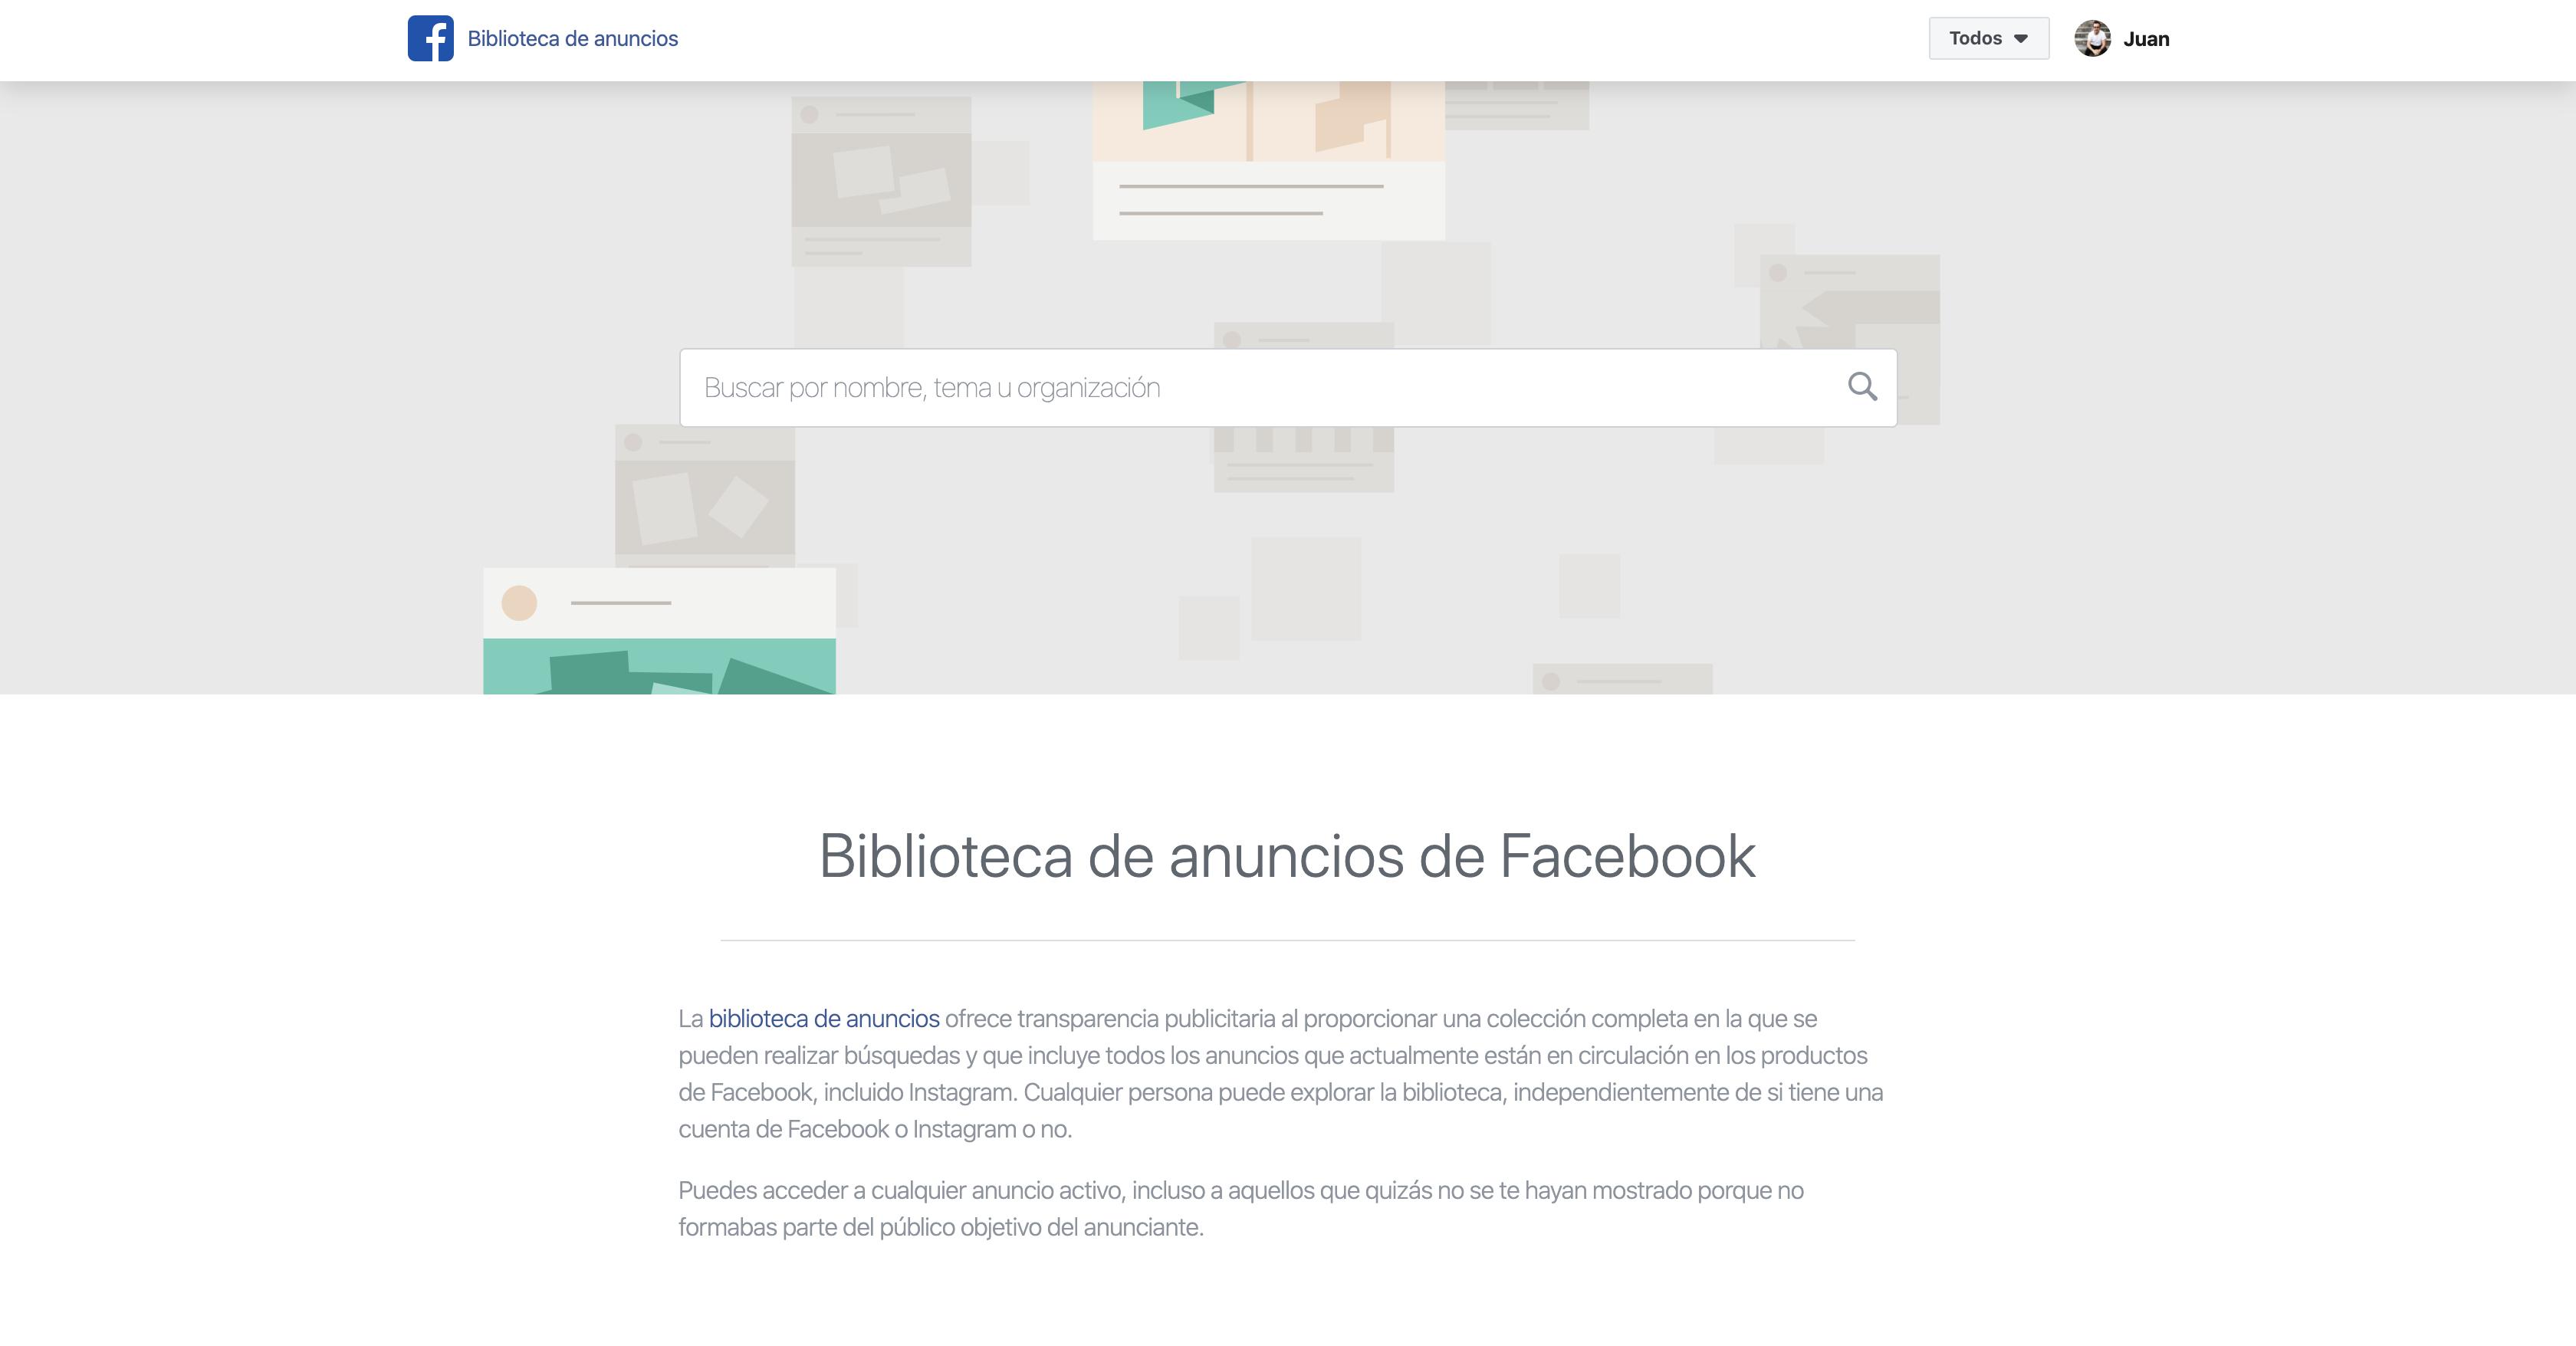 espiar los anuncios de Facebook